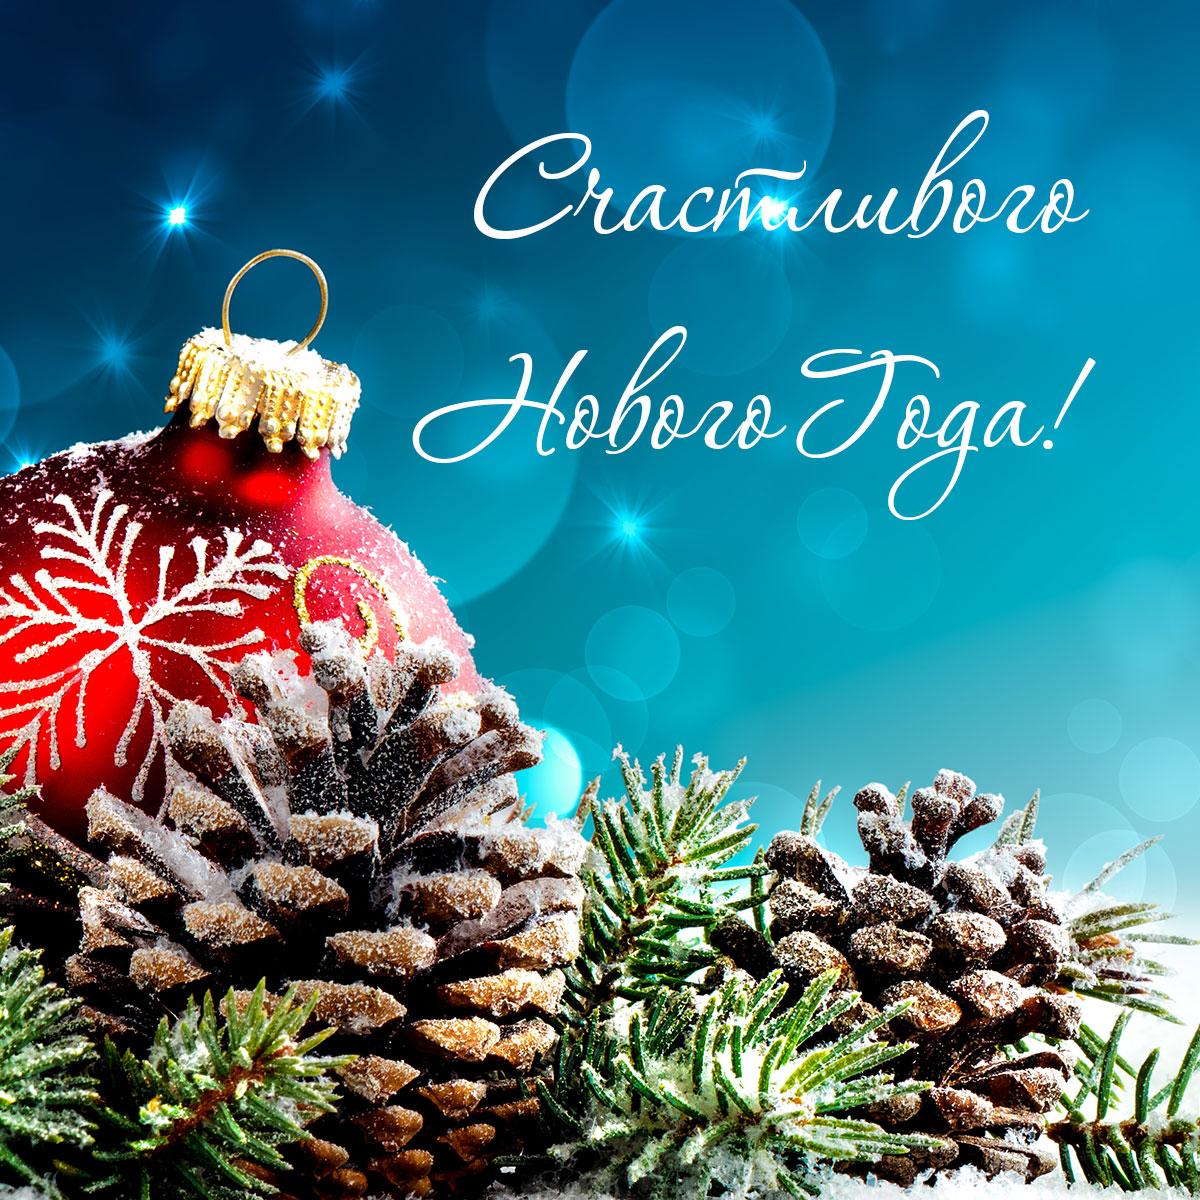 Красивая новогодняя открытка с еловыми ветками и шишками, рождественским украшением на небесном фоне .